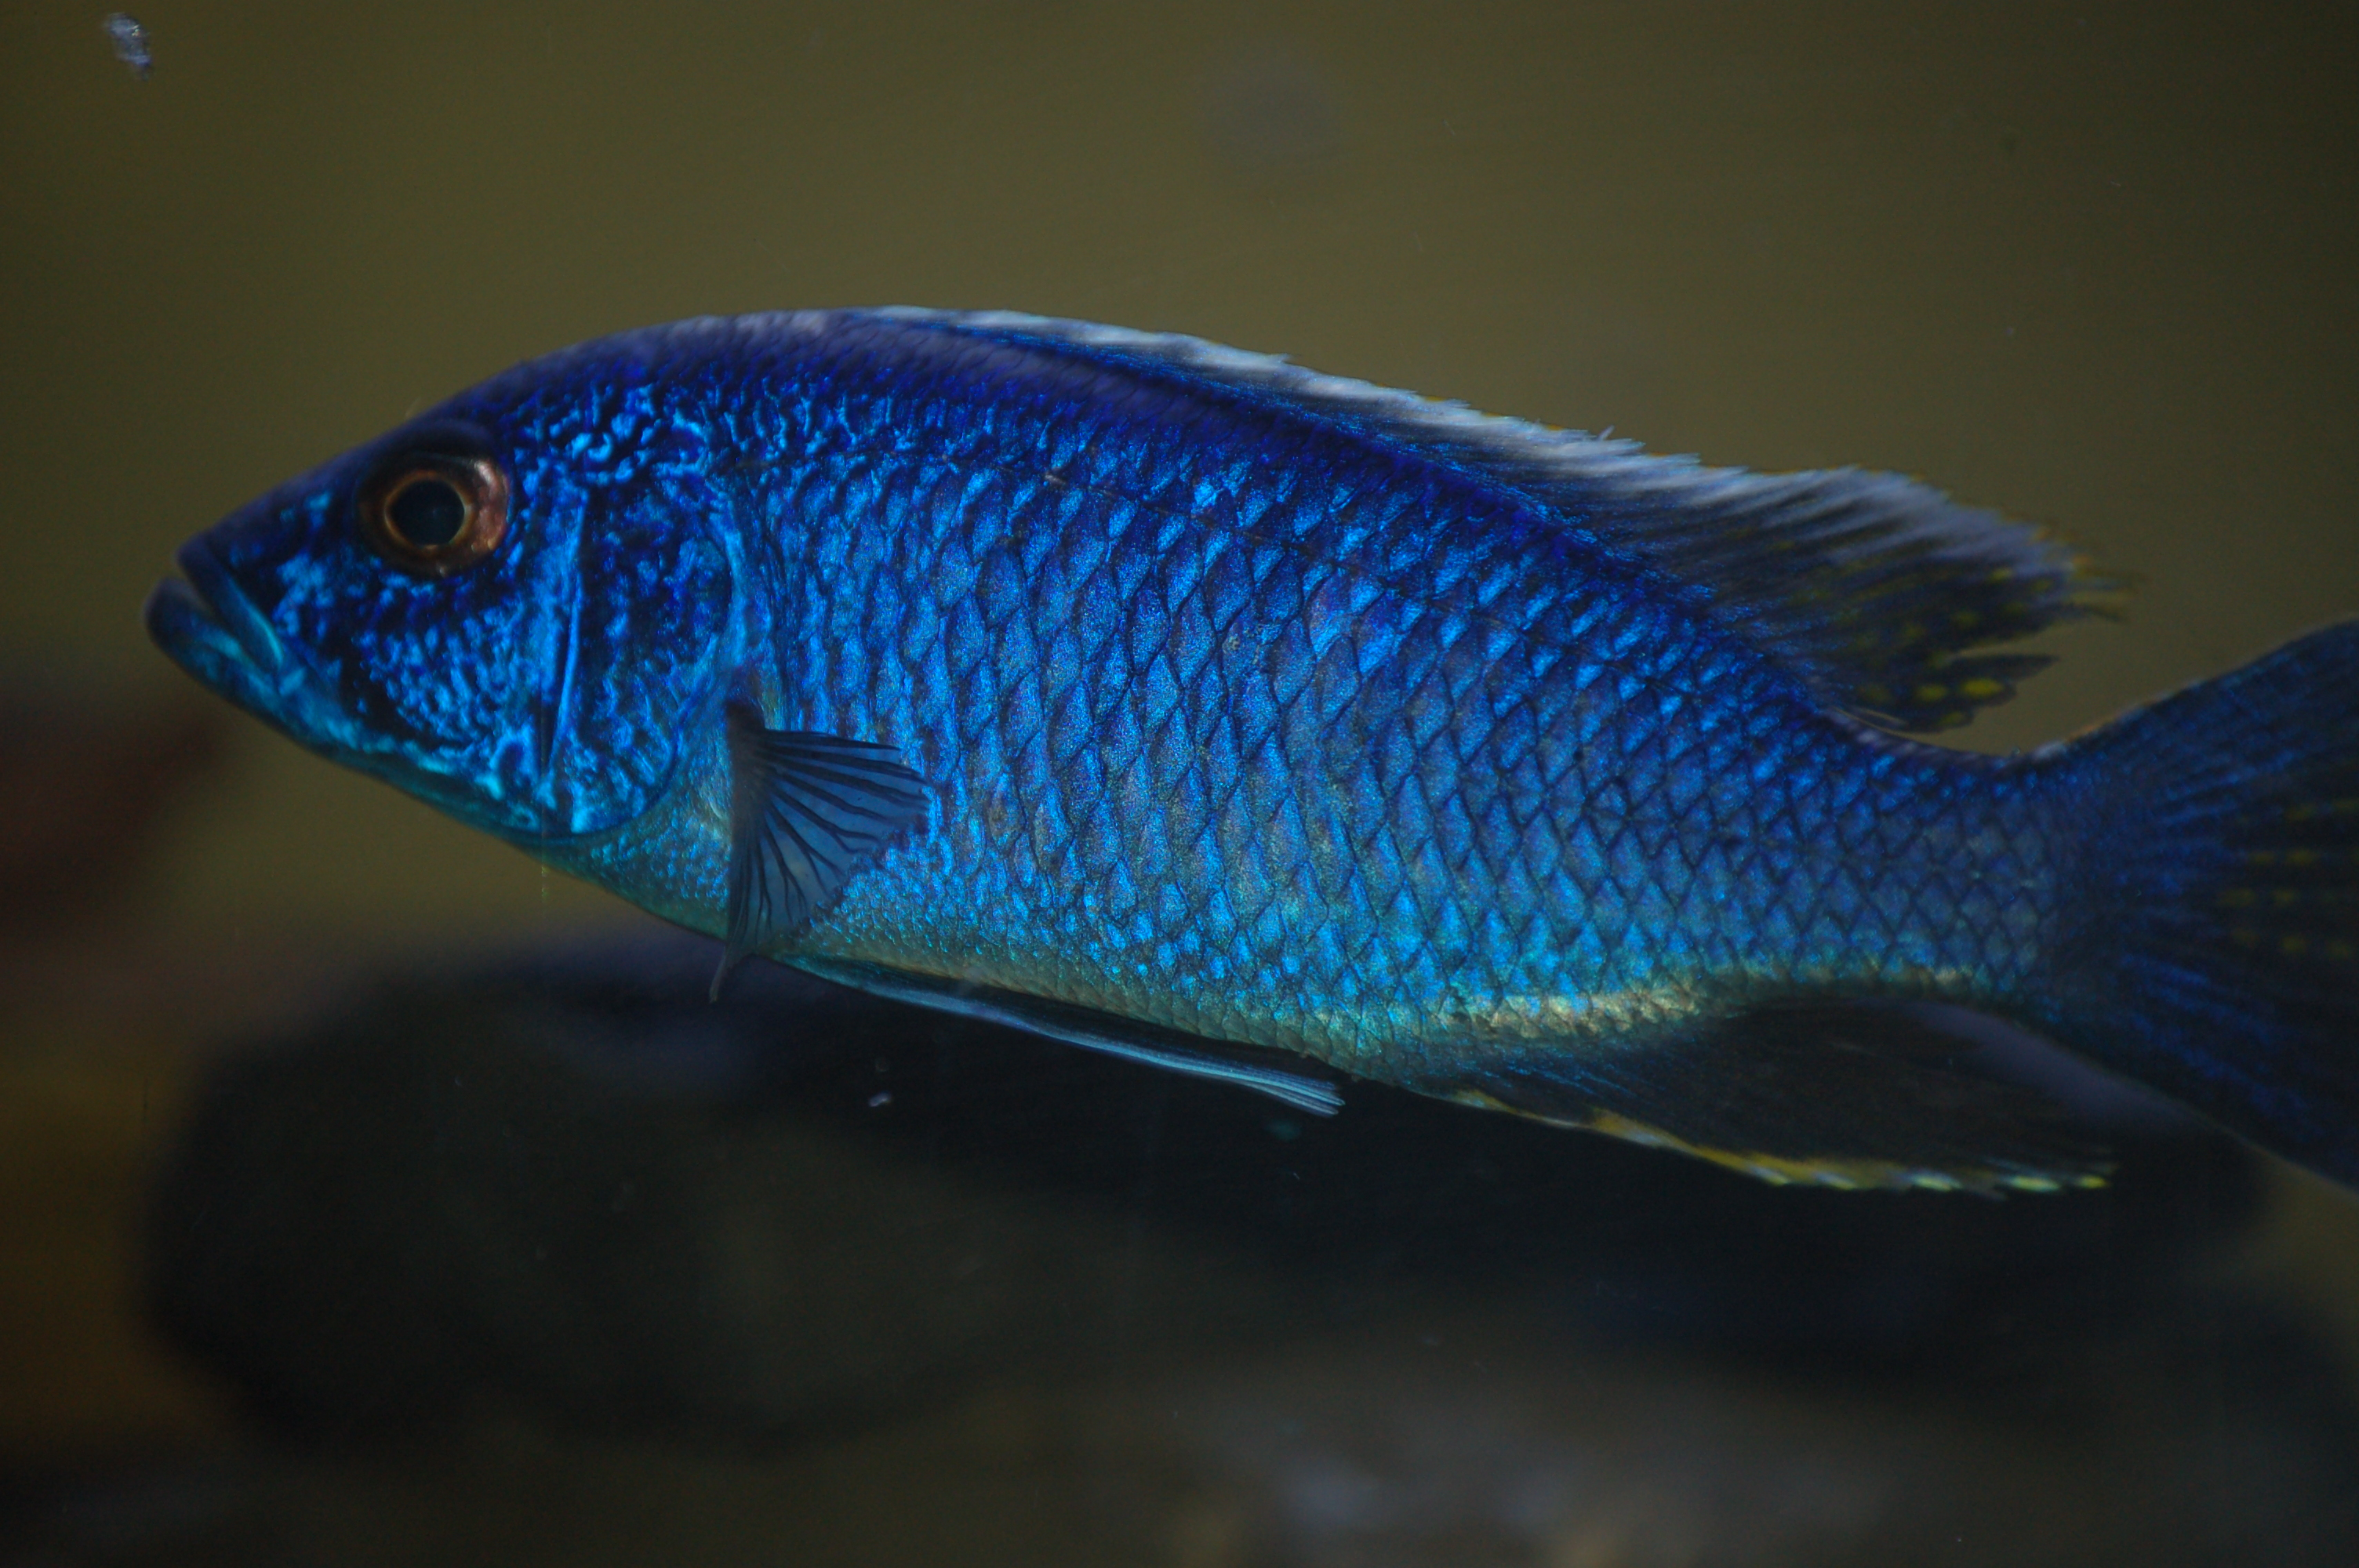 cichlids.com: Electric Blue